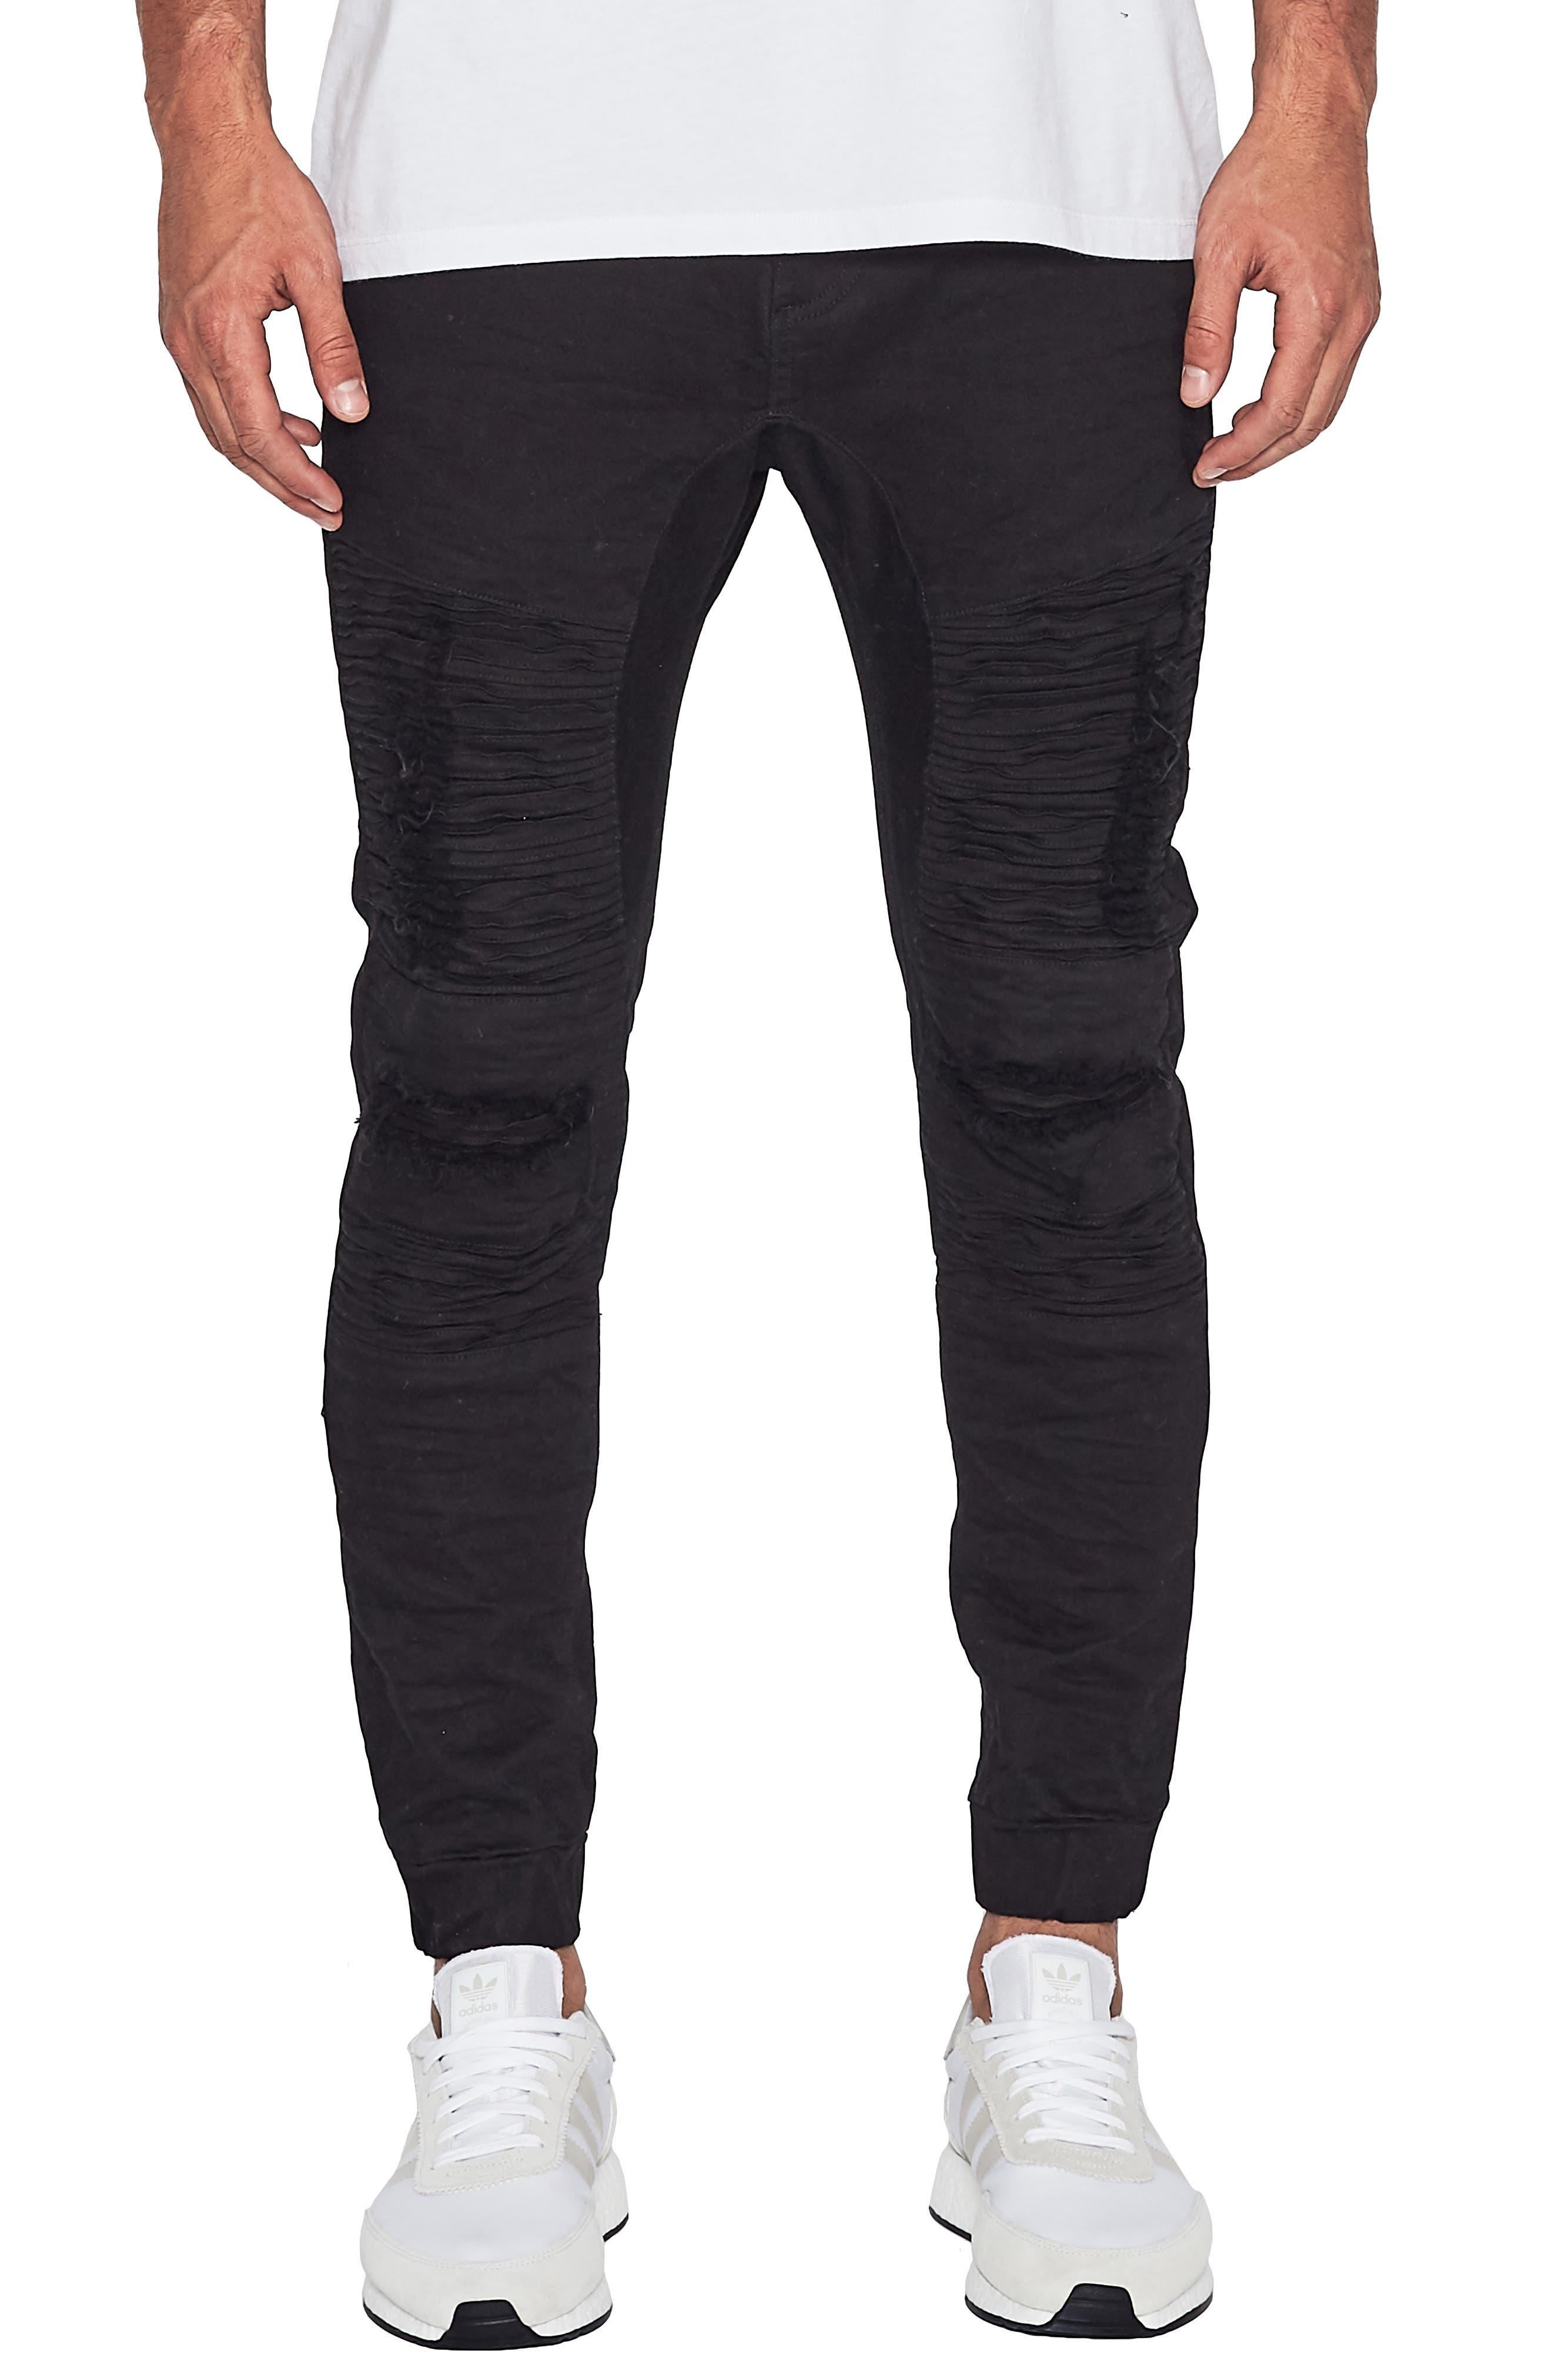 Hellcat Slim Fit Pants,                             Main thumbnail 1, color,                             Jet Black